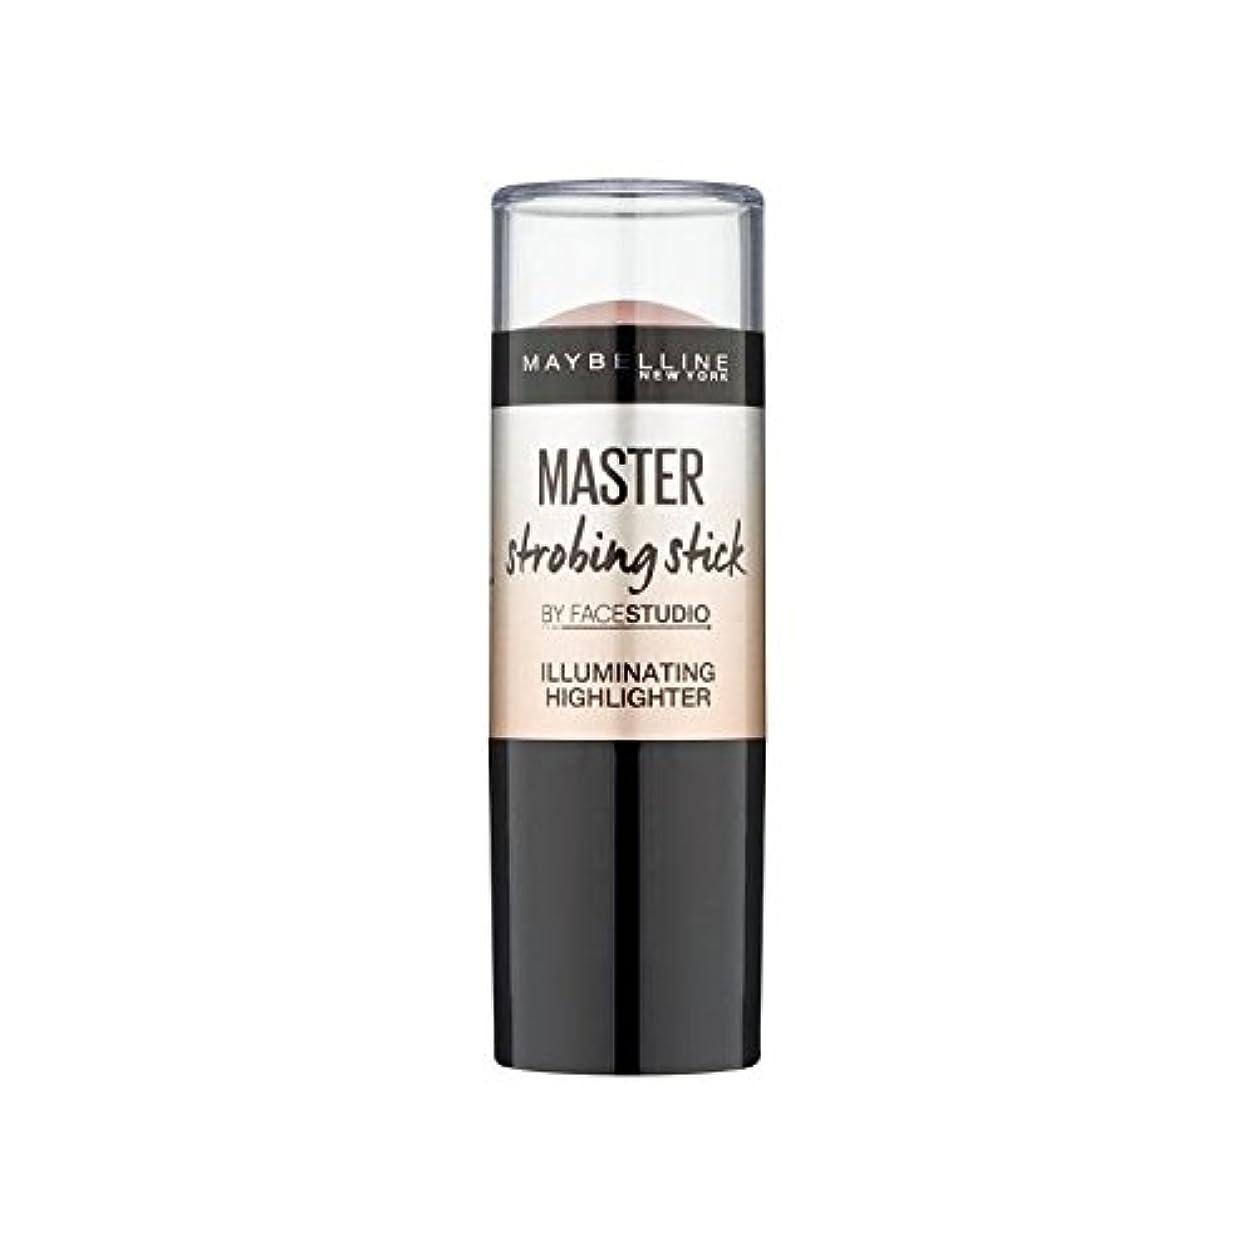 注ぎますけん引フィッティングメイベリンマスターストロボスティックライト x4 - Maybelline Master Strobing Stick Light (Pack of 4) [並行輸入品]